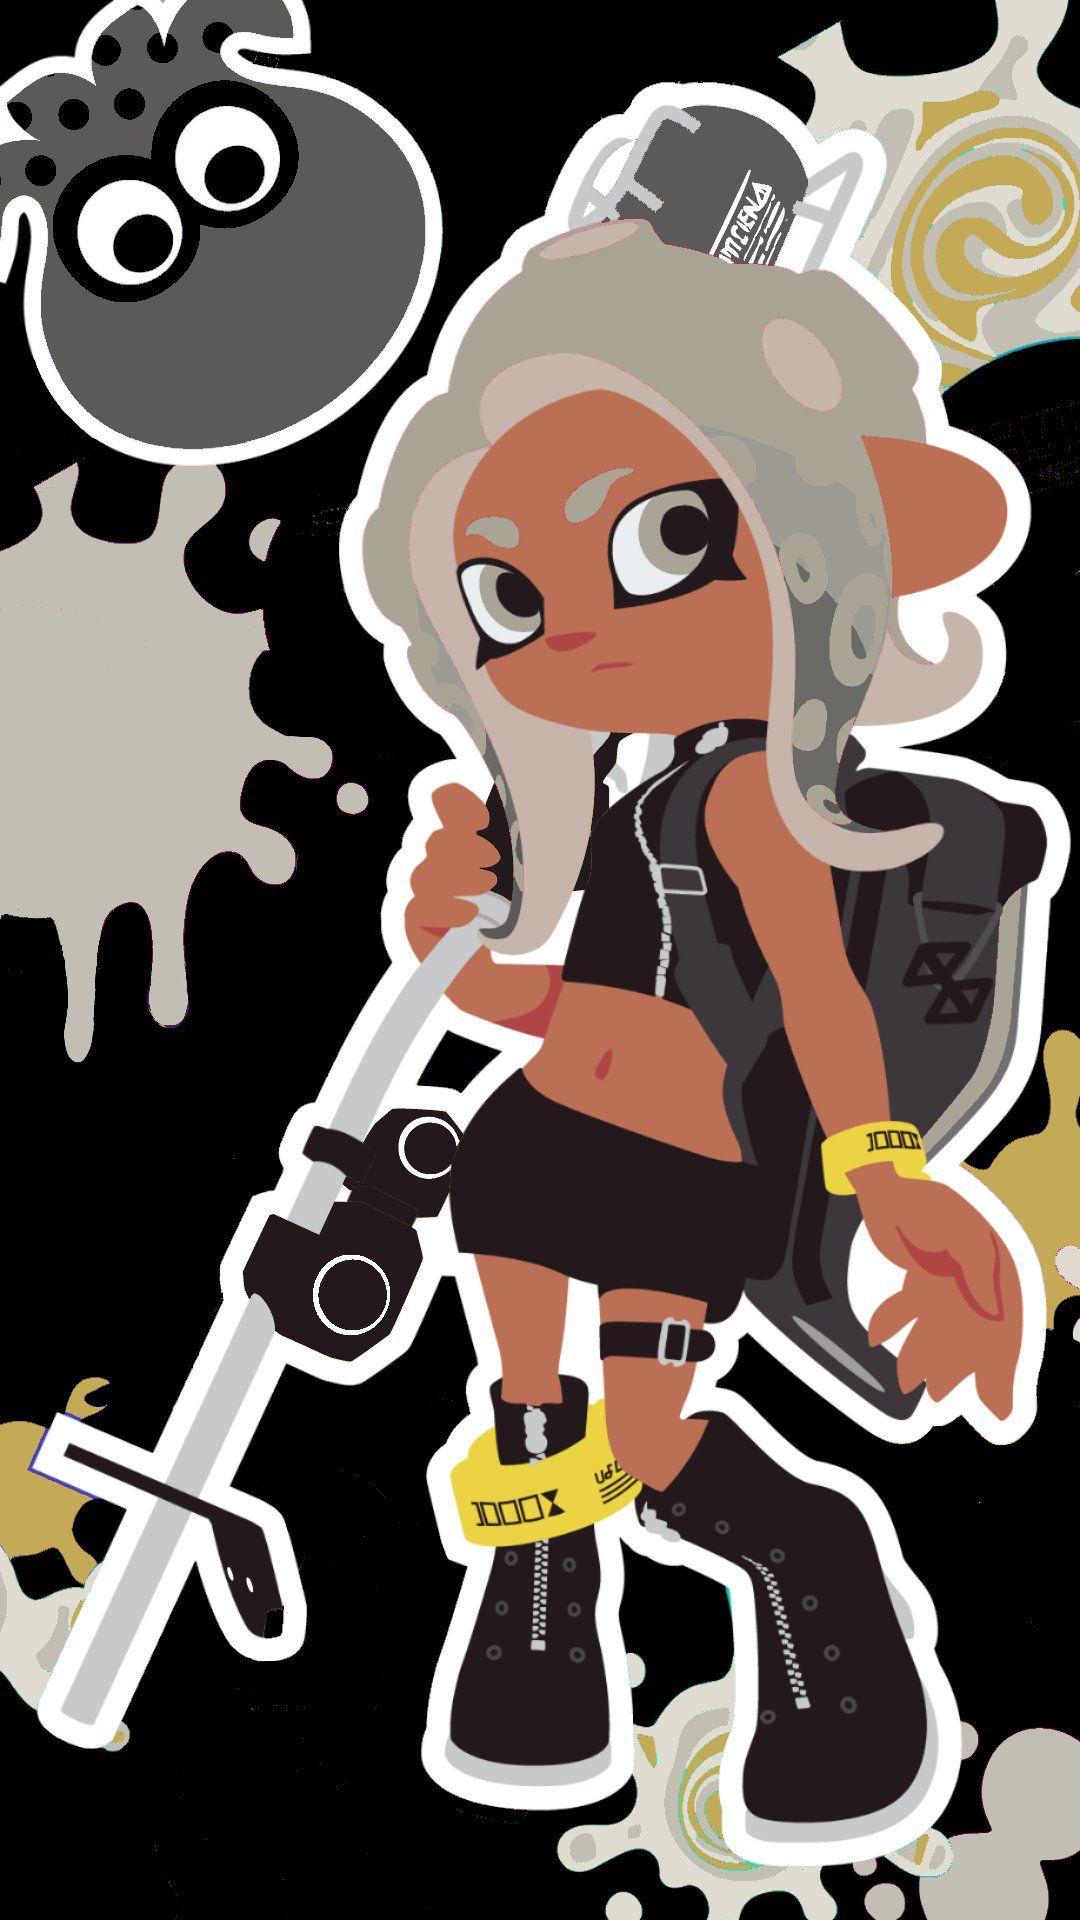 Pin By Nombre Apellido On Splatoon Splatoon Splatoon 2 Art Anime